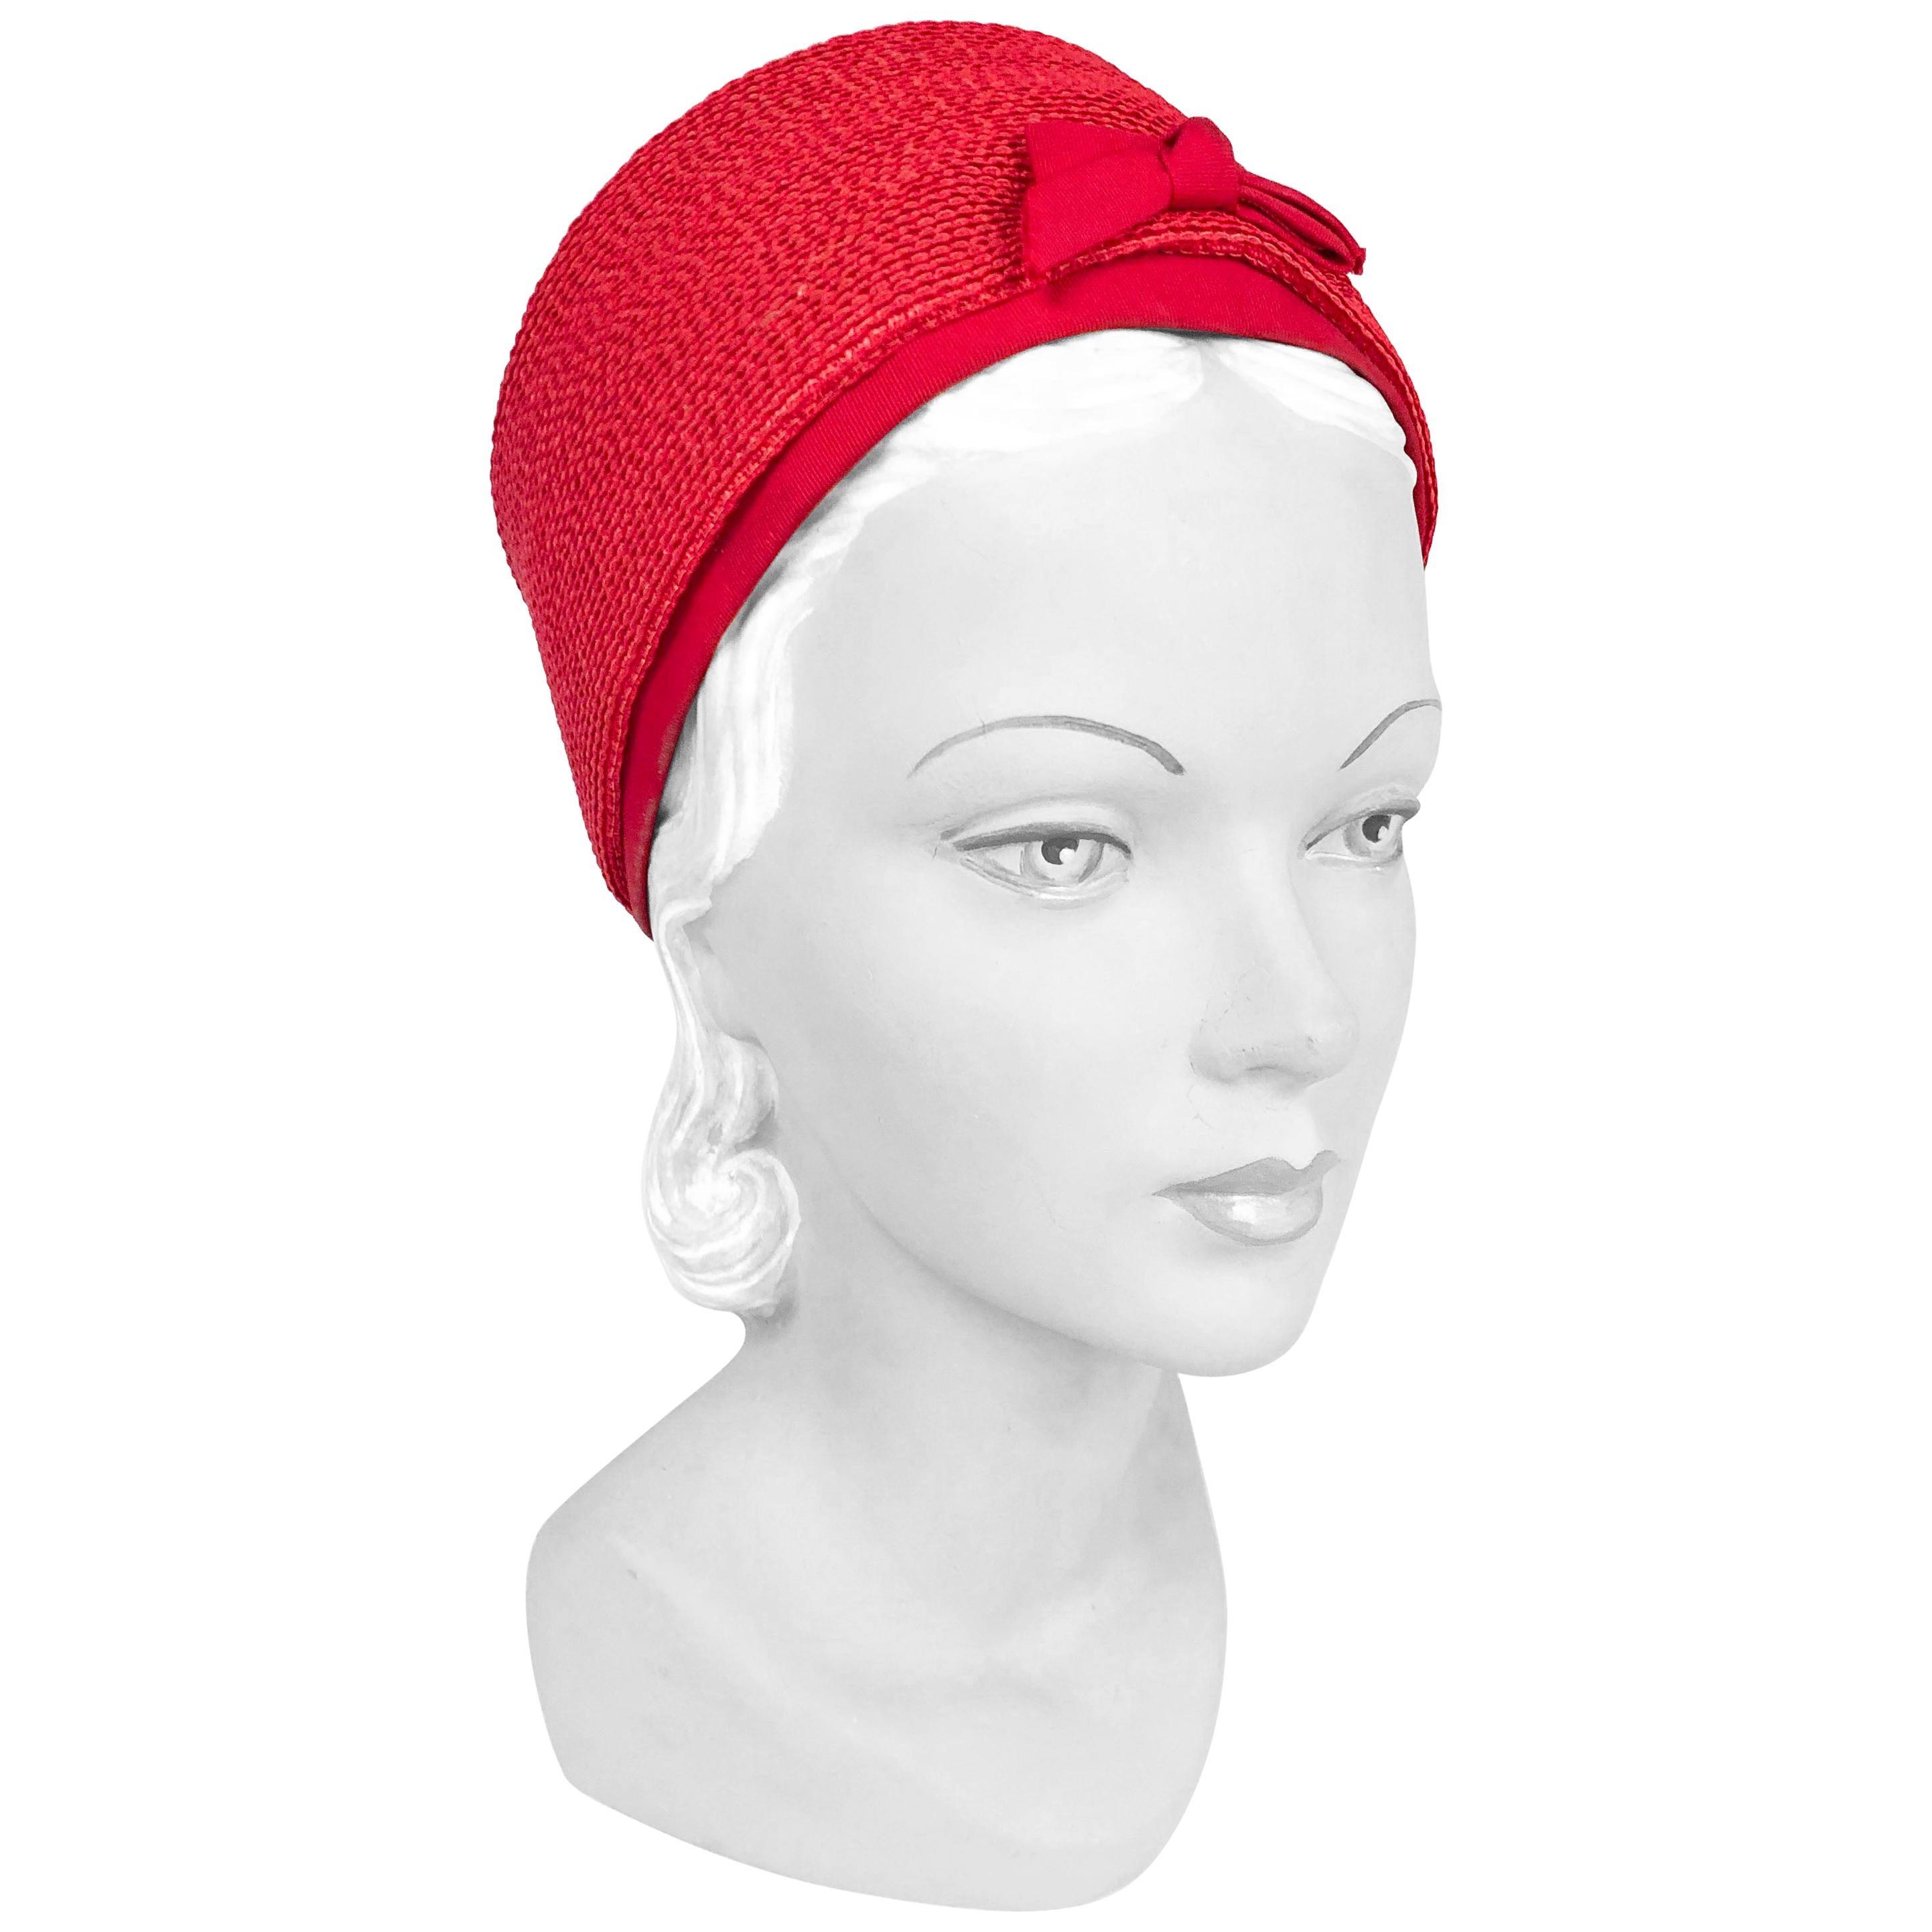 1960s Oleg Cassini Red Pillbox Hat